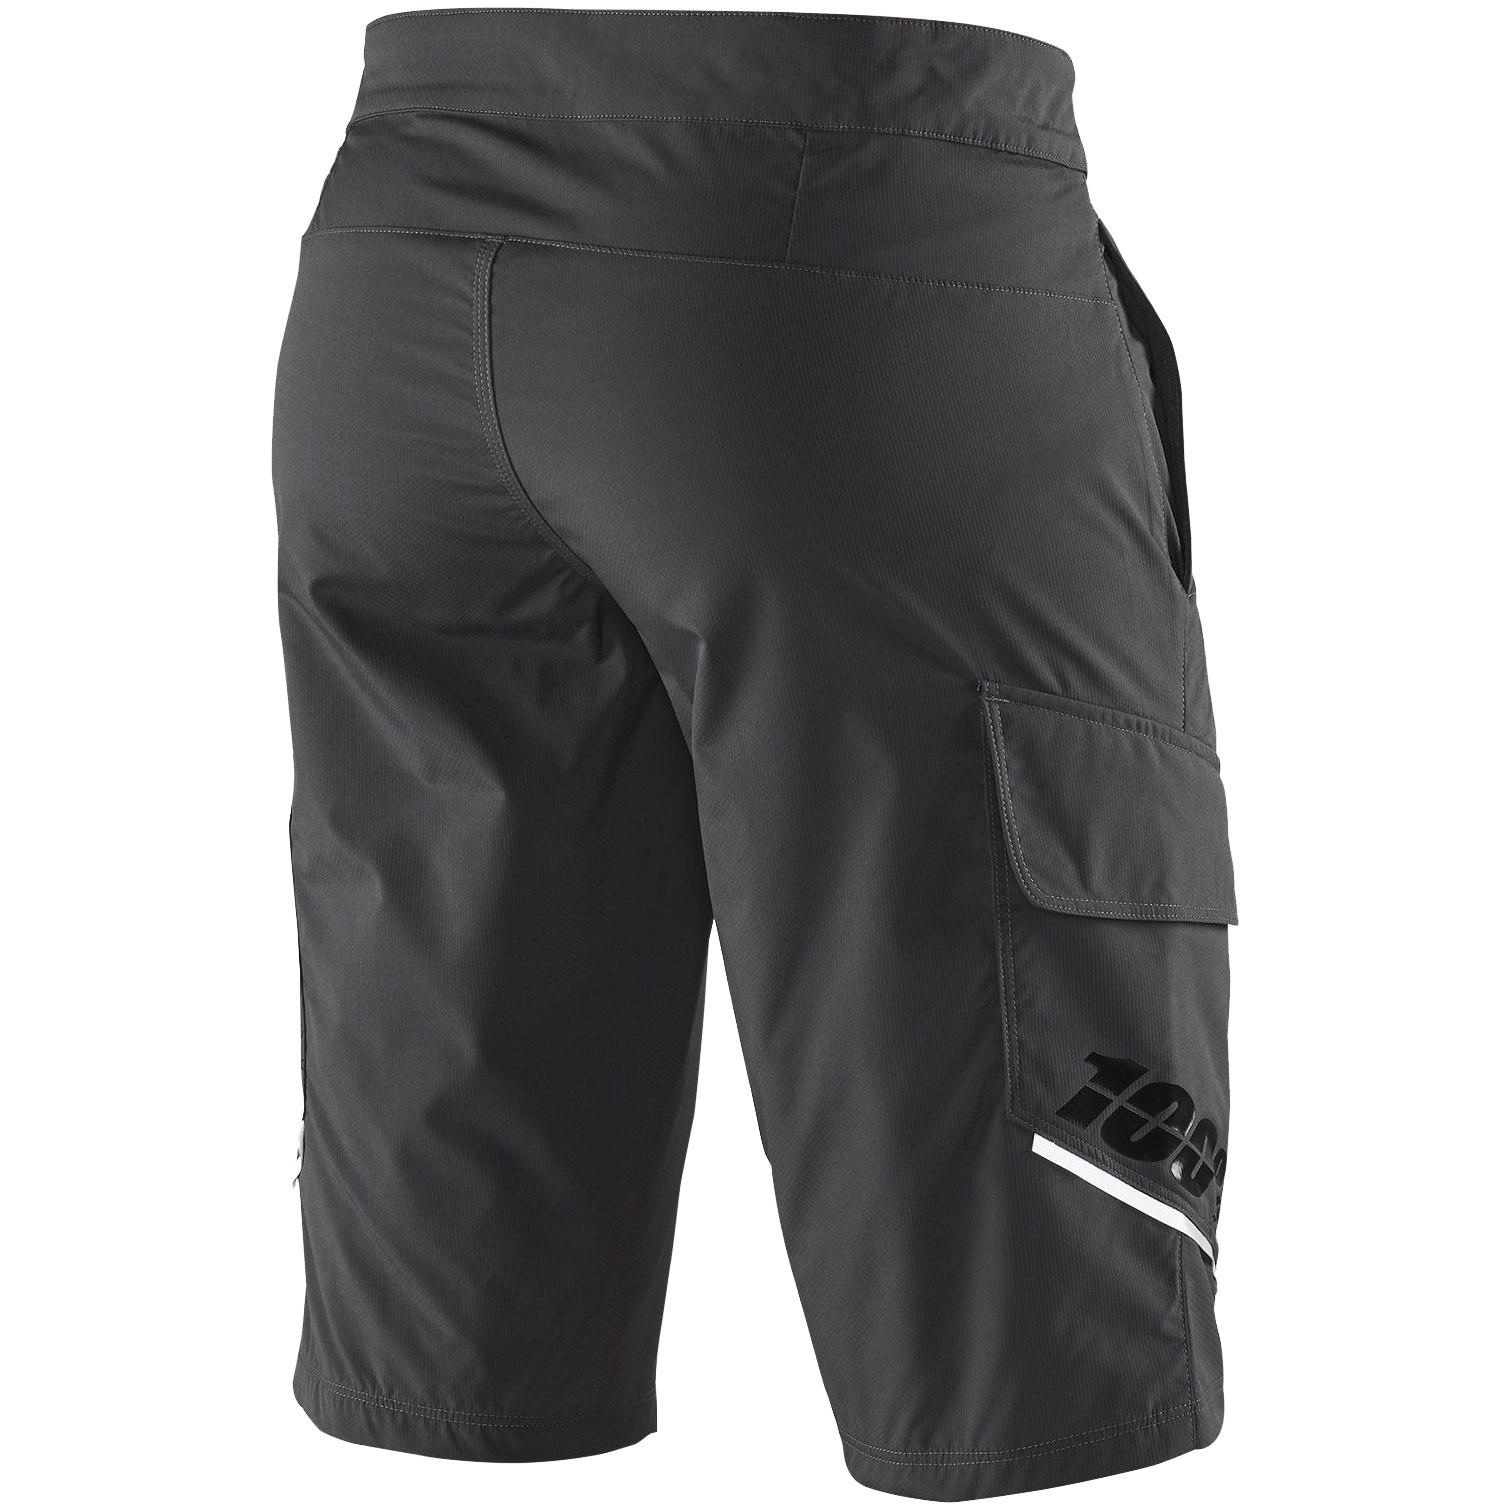 Imagen de 100% Ridecamp Shorts - Charcoal